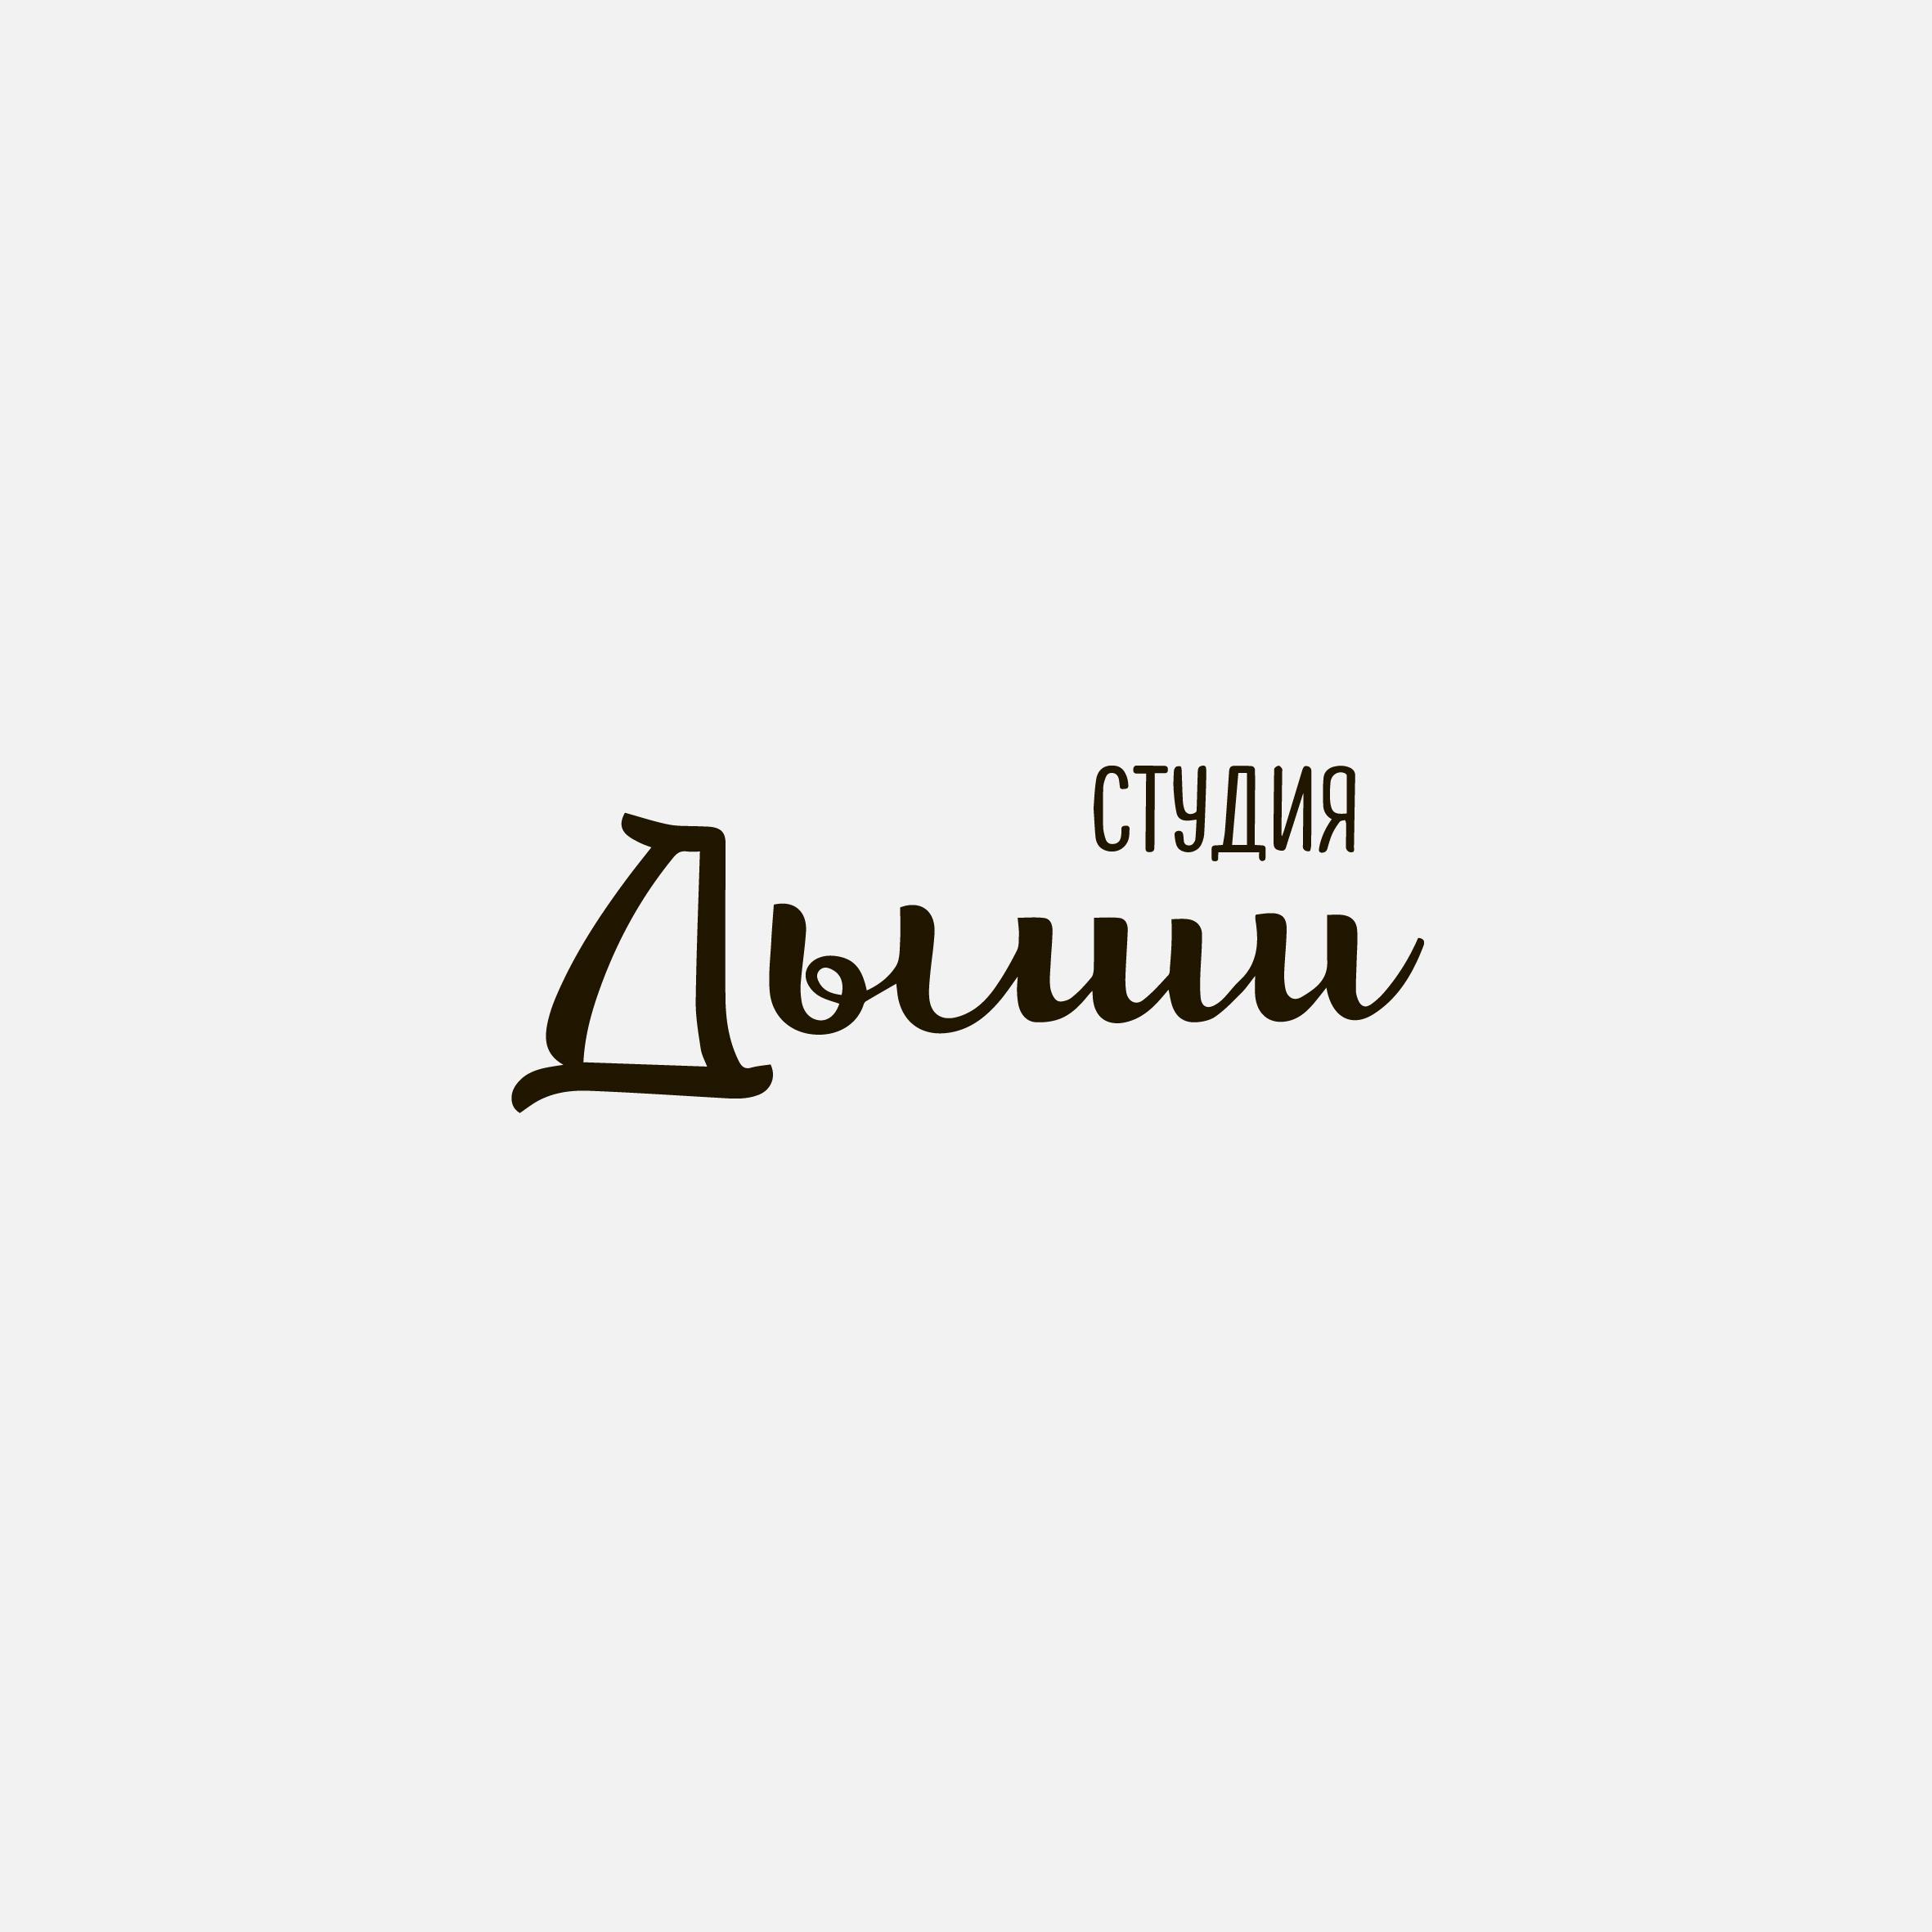 """Логотип для студии """"Дыши""""  и фирменный стиль фото f_14756f1a2310a38b.jpg"""